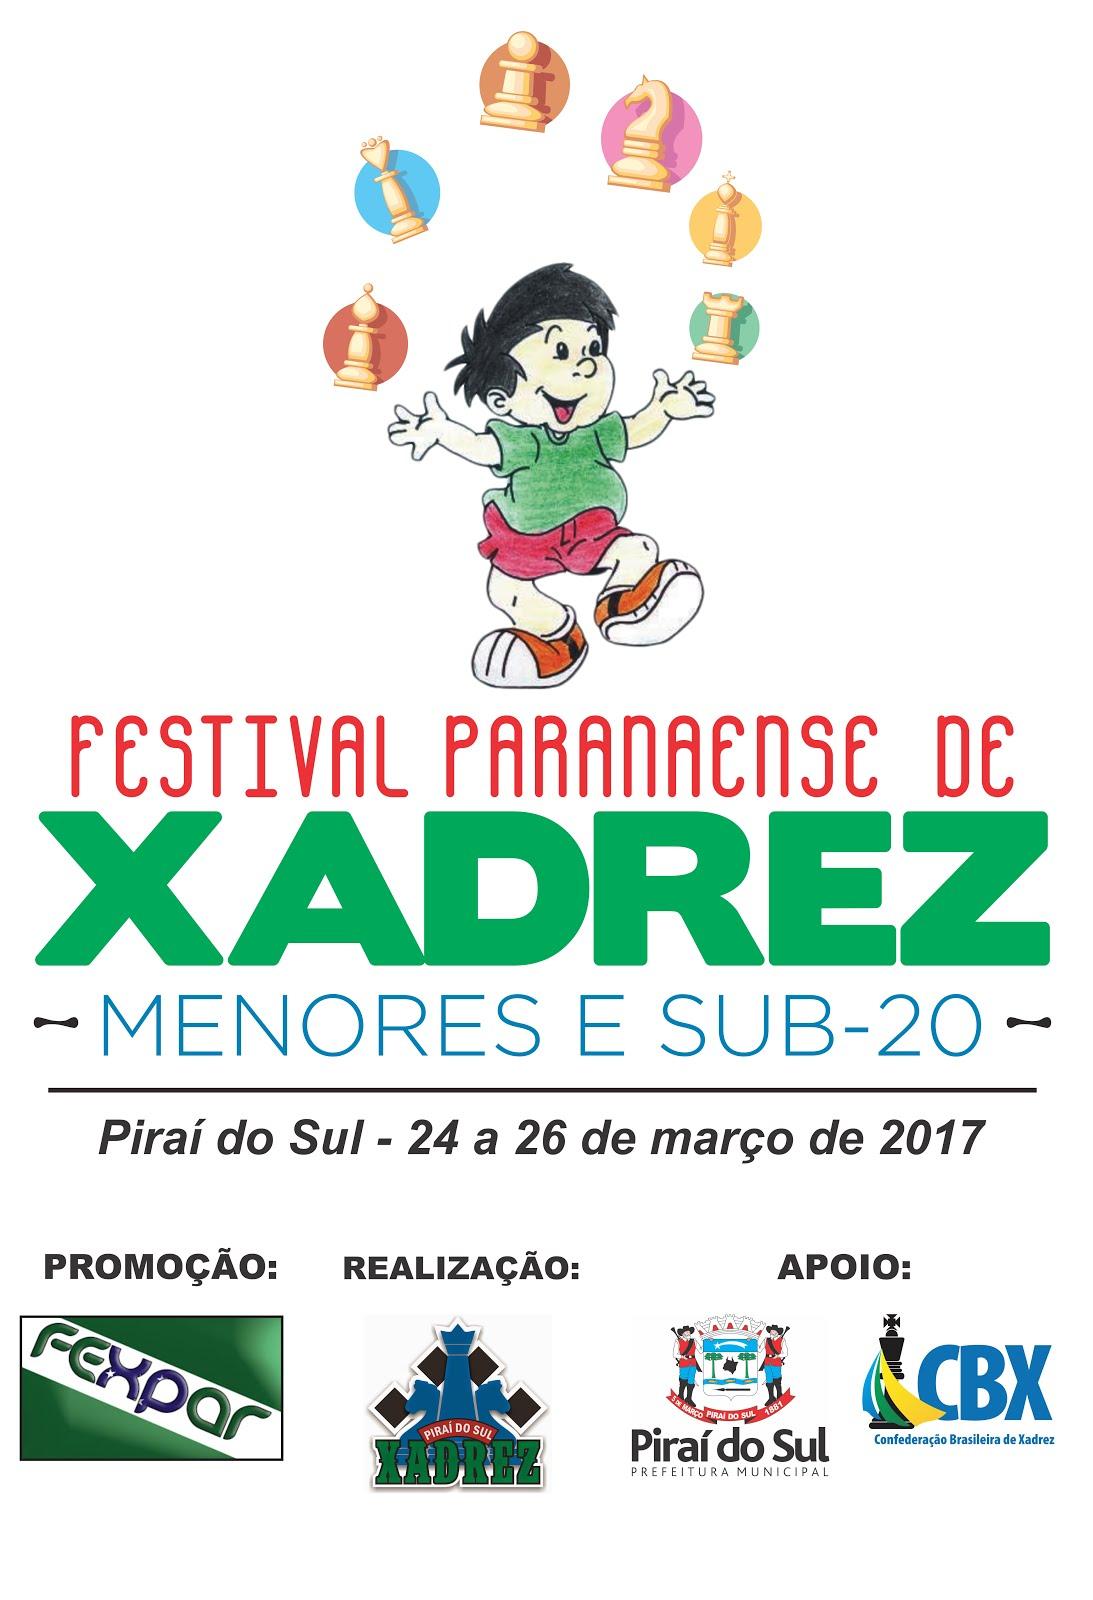 FESTIVAL PARANAENSE DE XADREZ